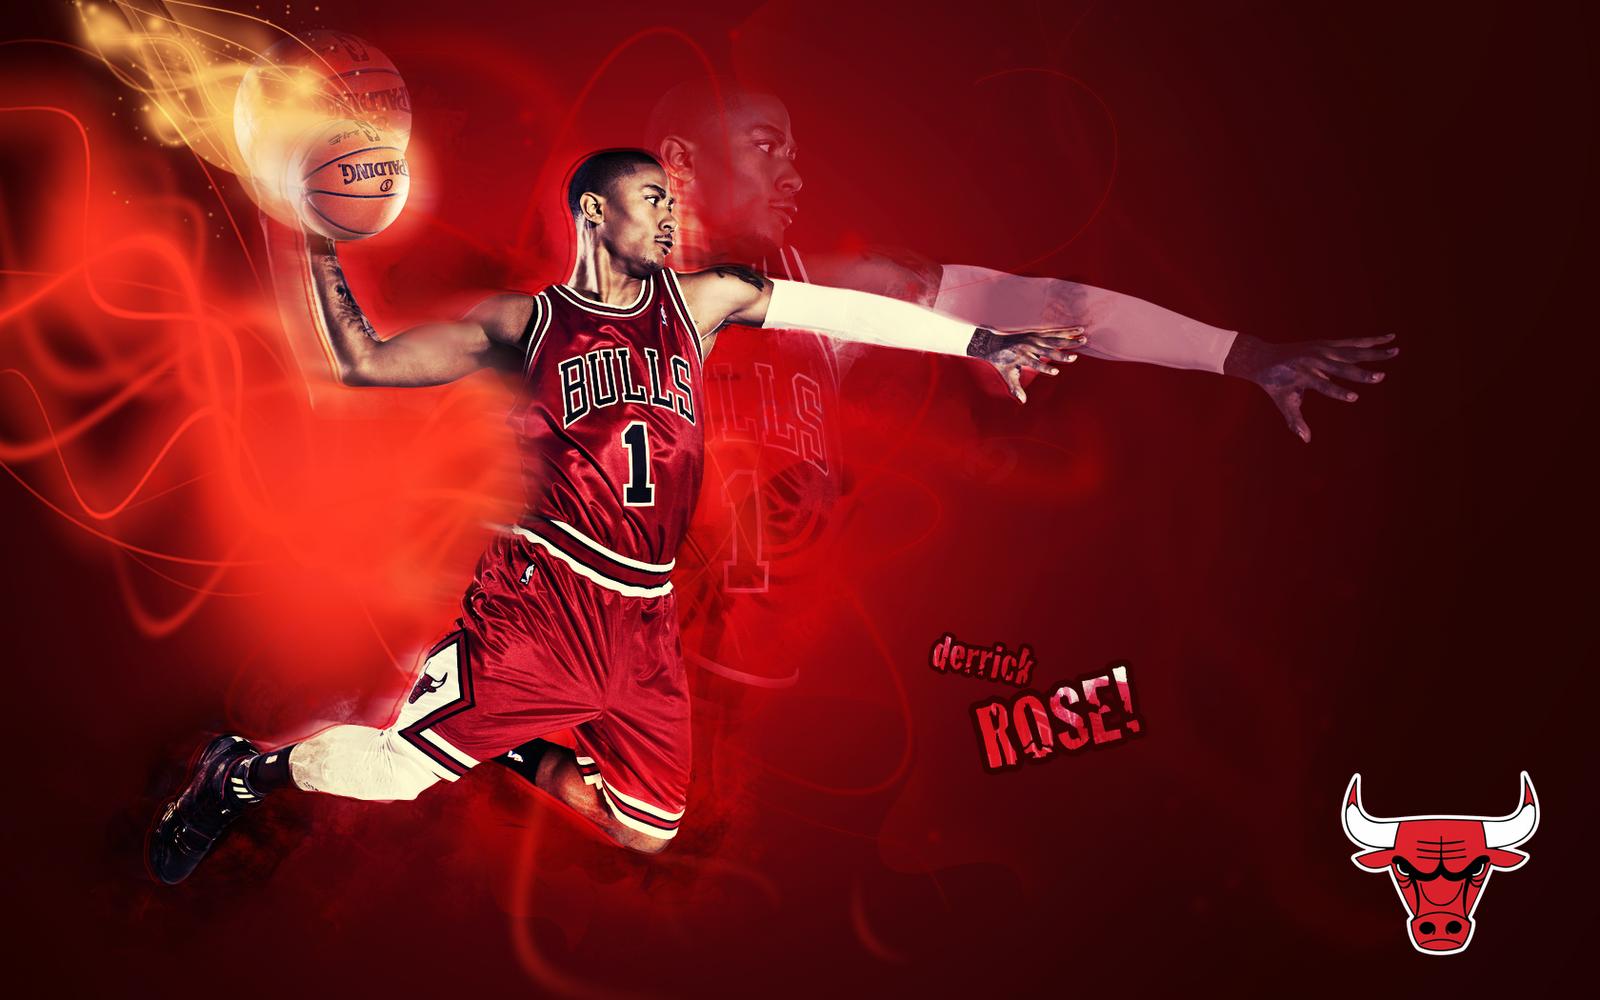 Derrick Rose basketball wallpapers 1600x1000